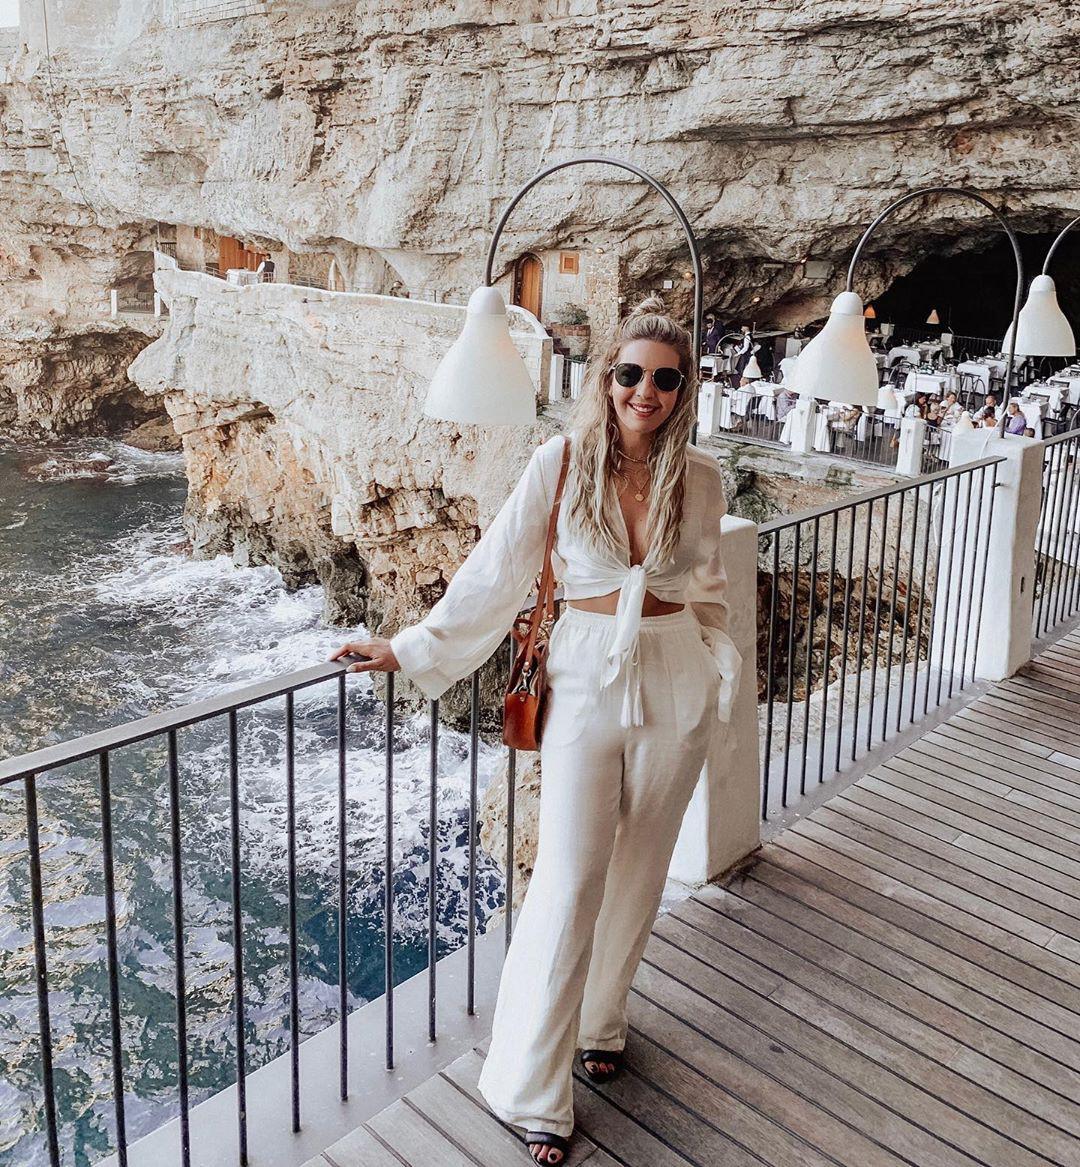 Nhà hàng trong hang động lãng mạn nhất nước Ý: Có khả năng gây mê cao cho bất kì cặp đôi nào hẹn hò tại đây - Ảnh 9.